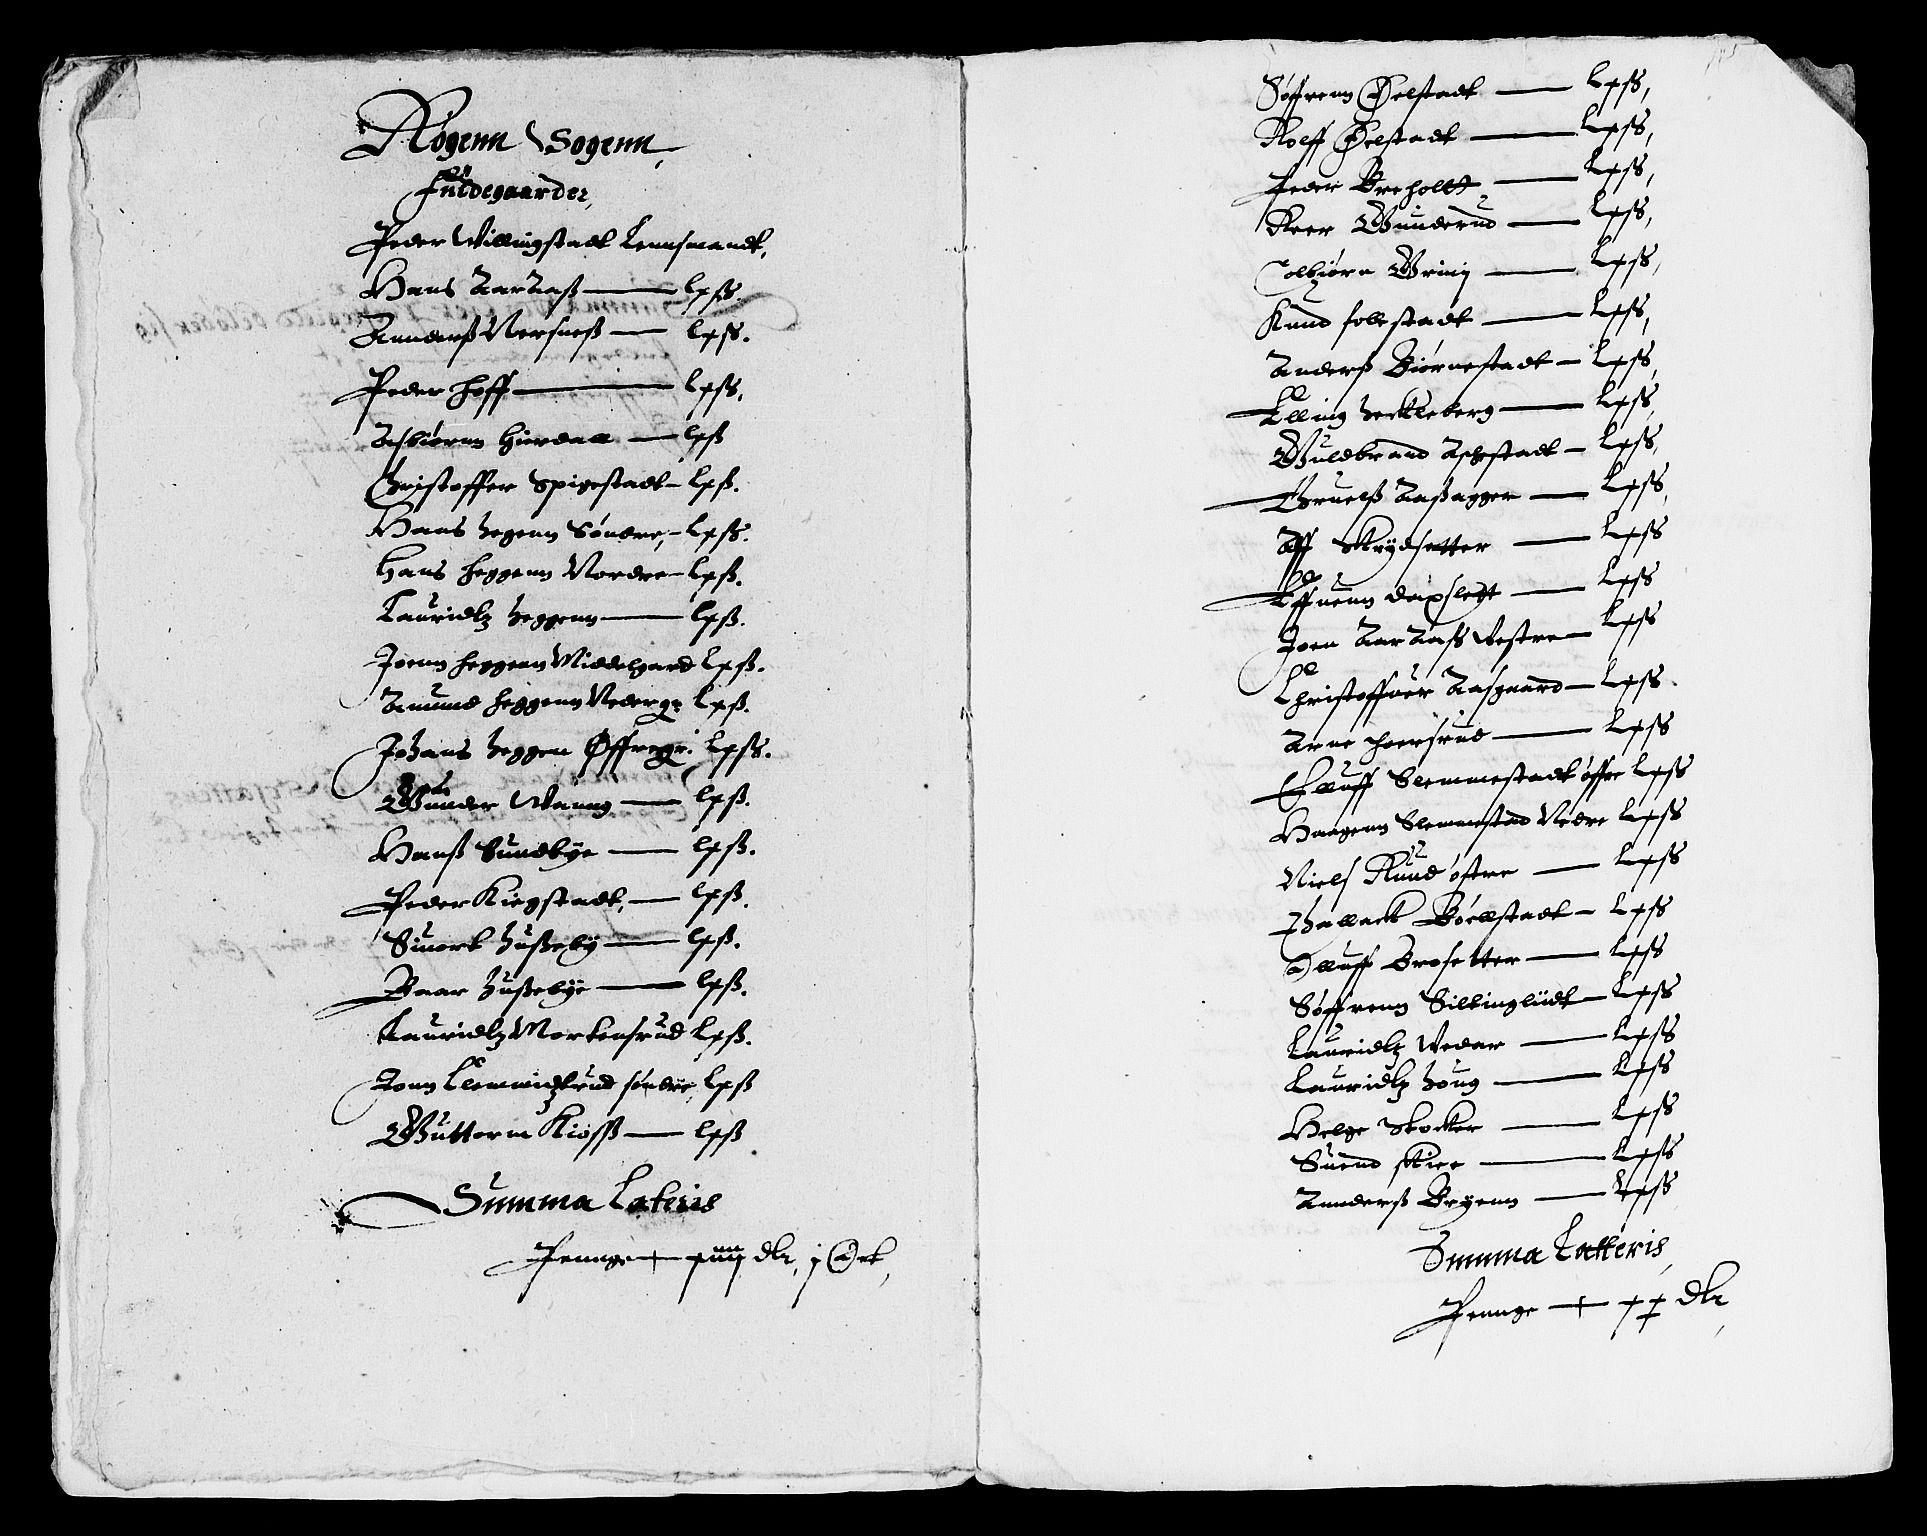 RA, Rentekammeret inntil 1814, Reviderte regnskaper, Lensregnskaper, R/Rb/Rba/L0043: Akershus len, 1608-1618